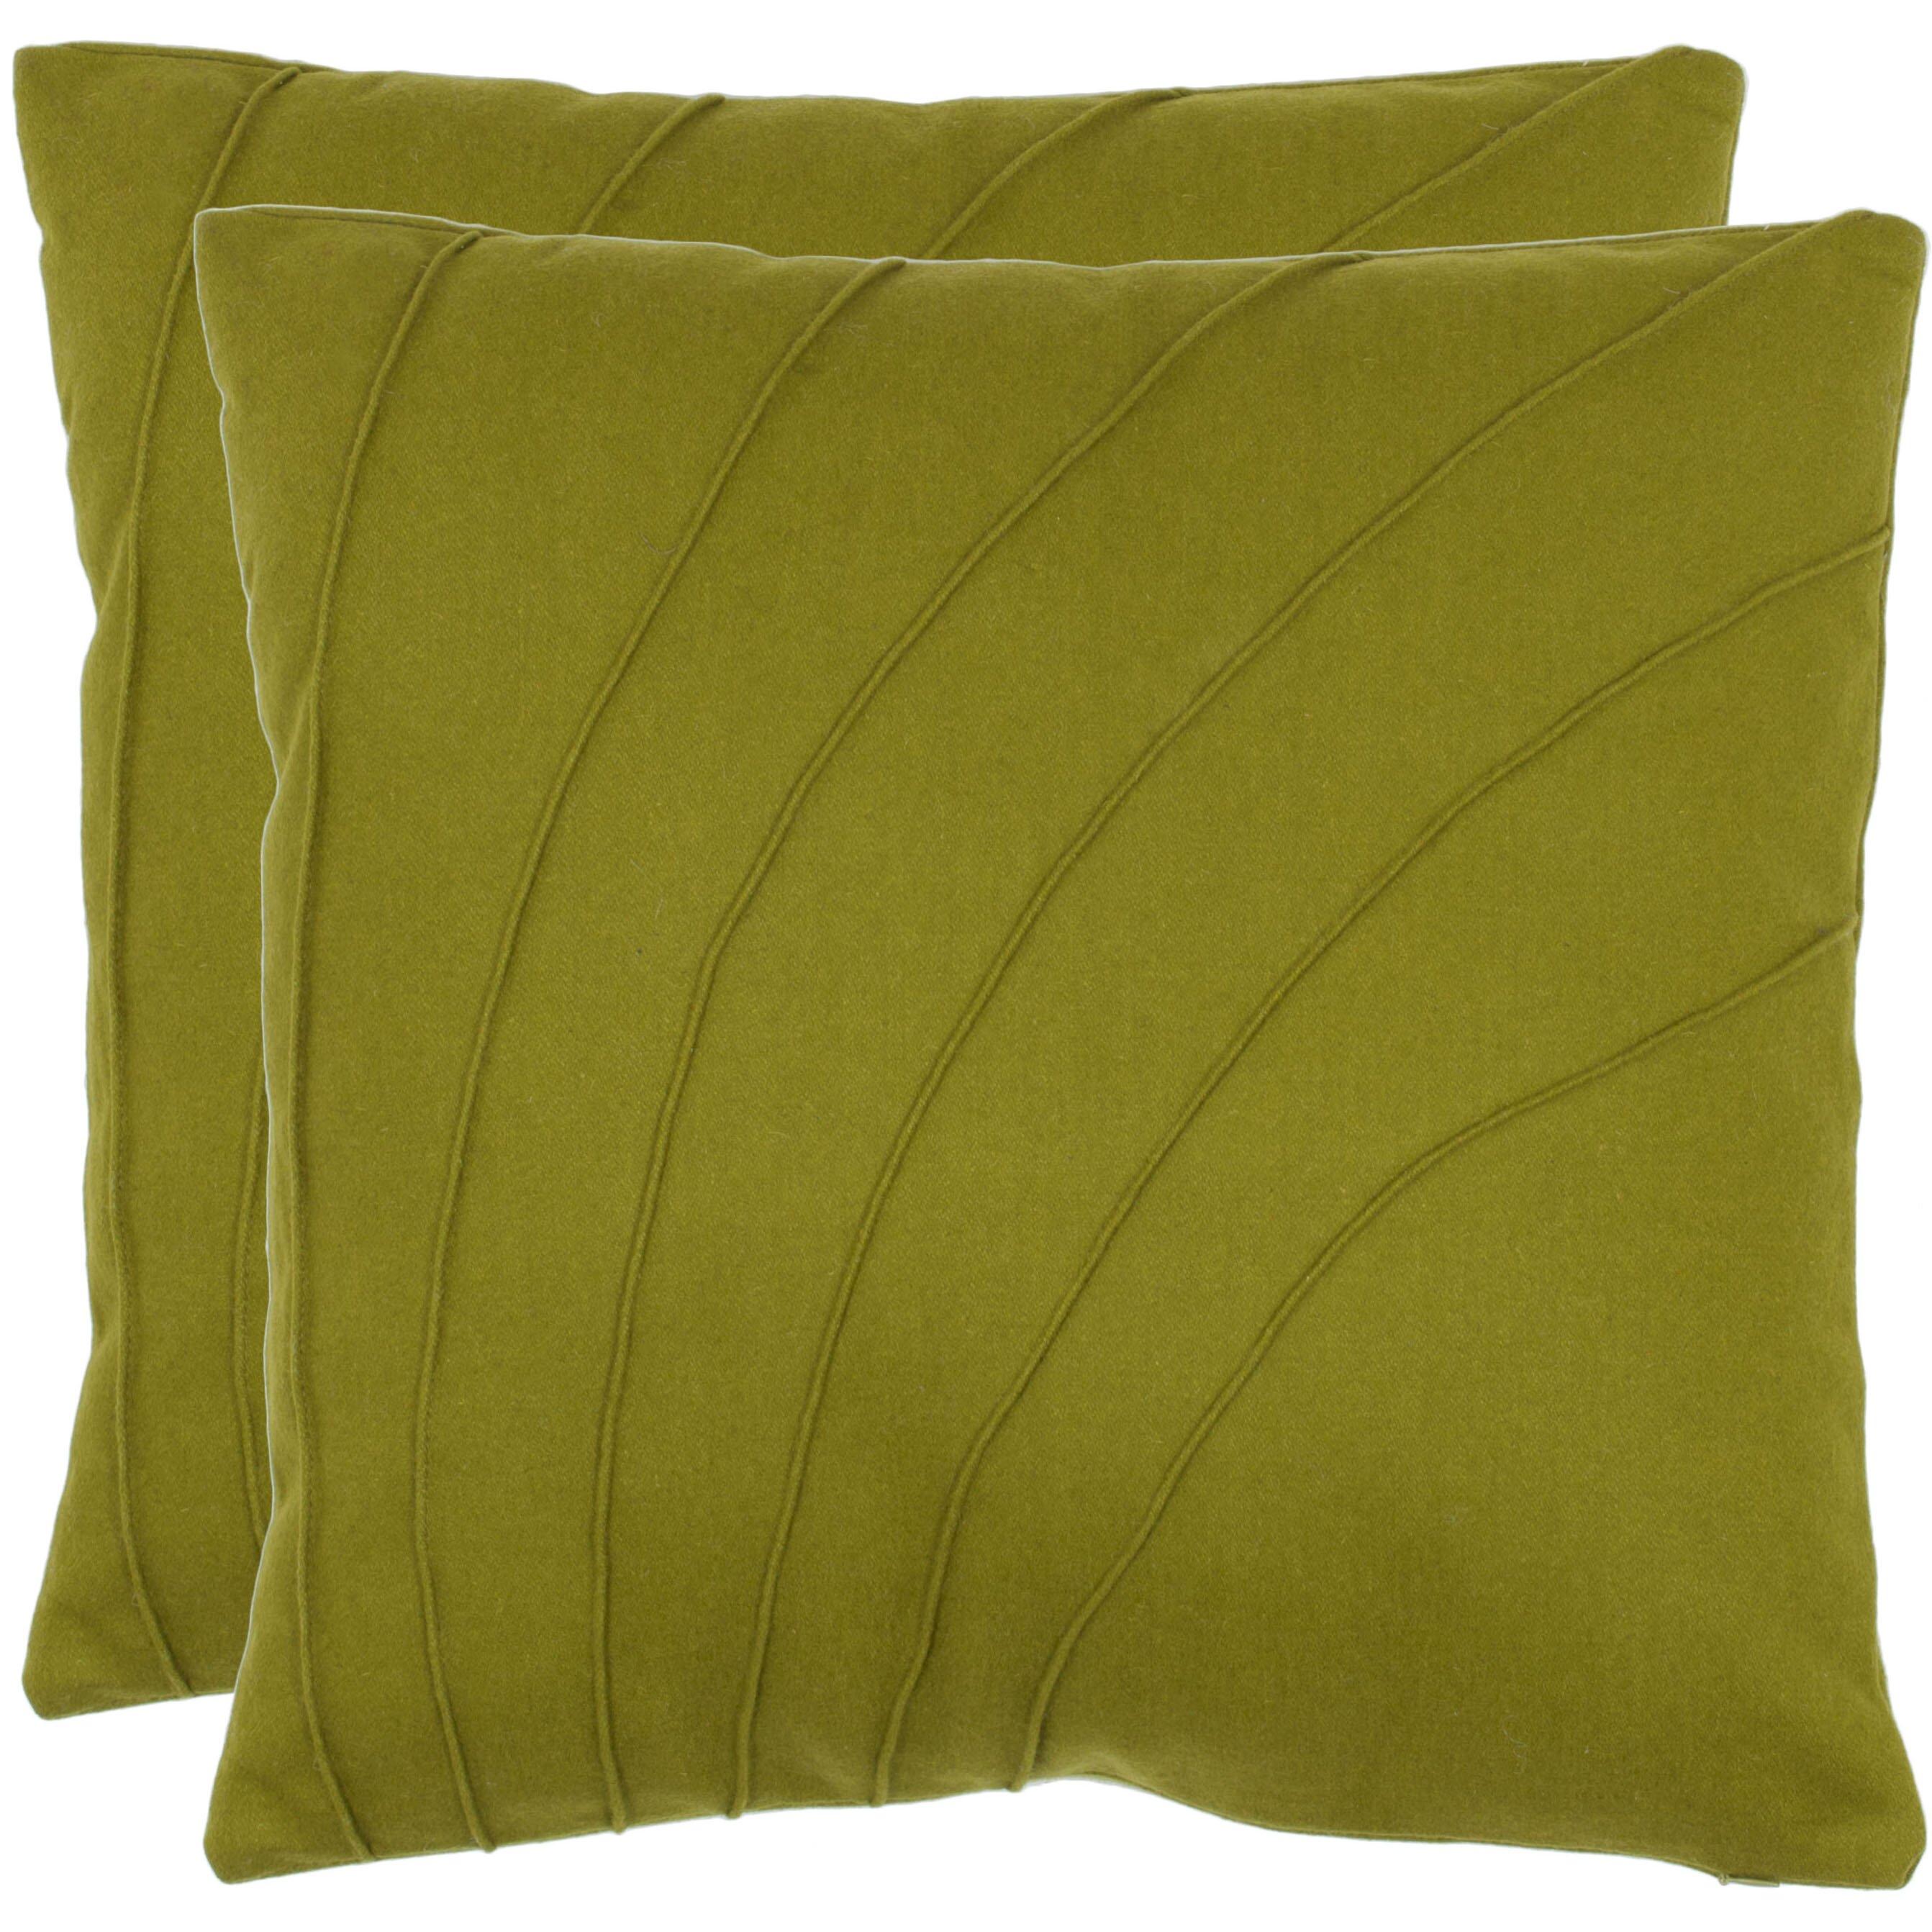 Wayfair Green Throw Pillows : Safavieh Cruz Throw Pillow & Reviews Wayfair